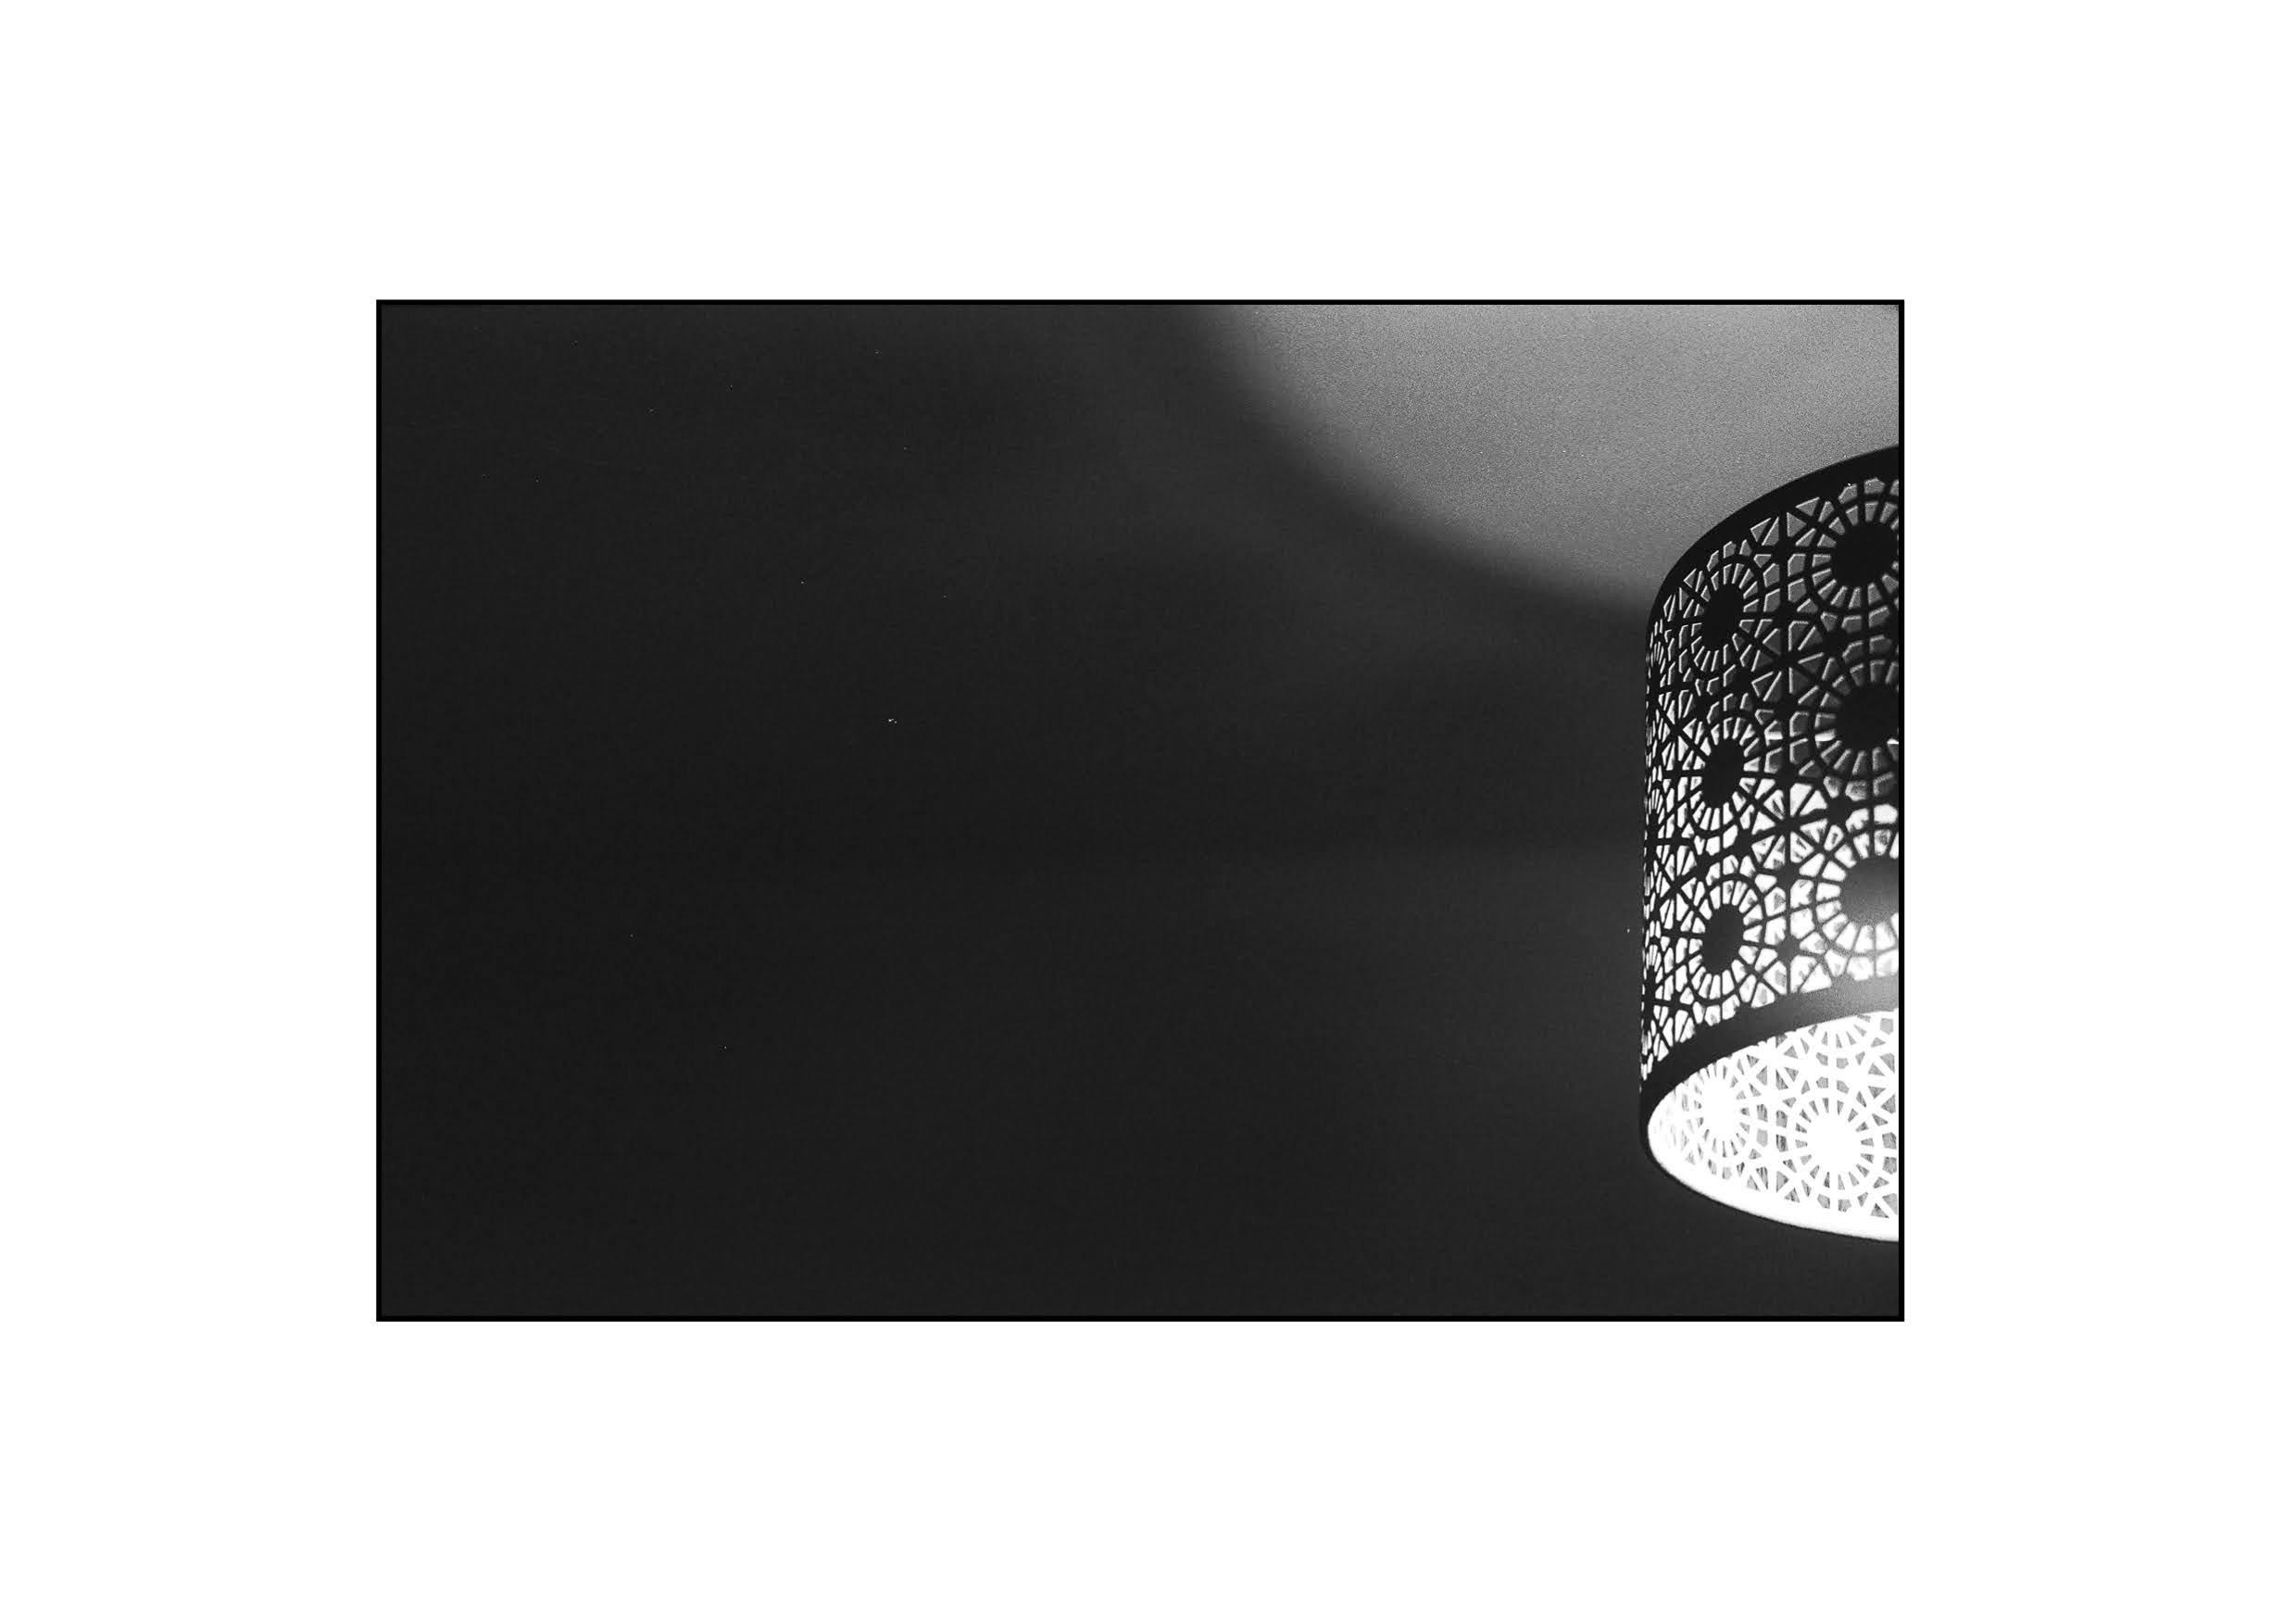 Lamplit in the dark